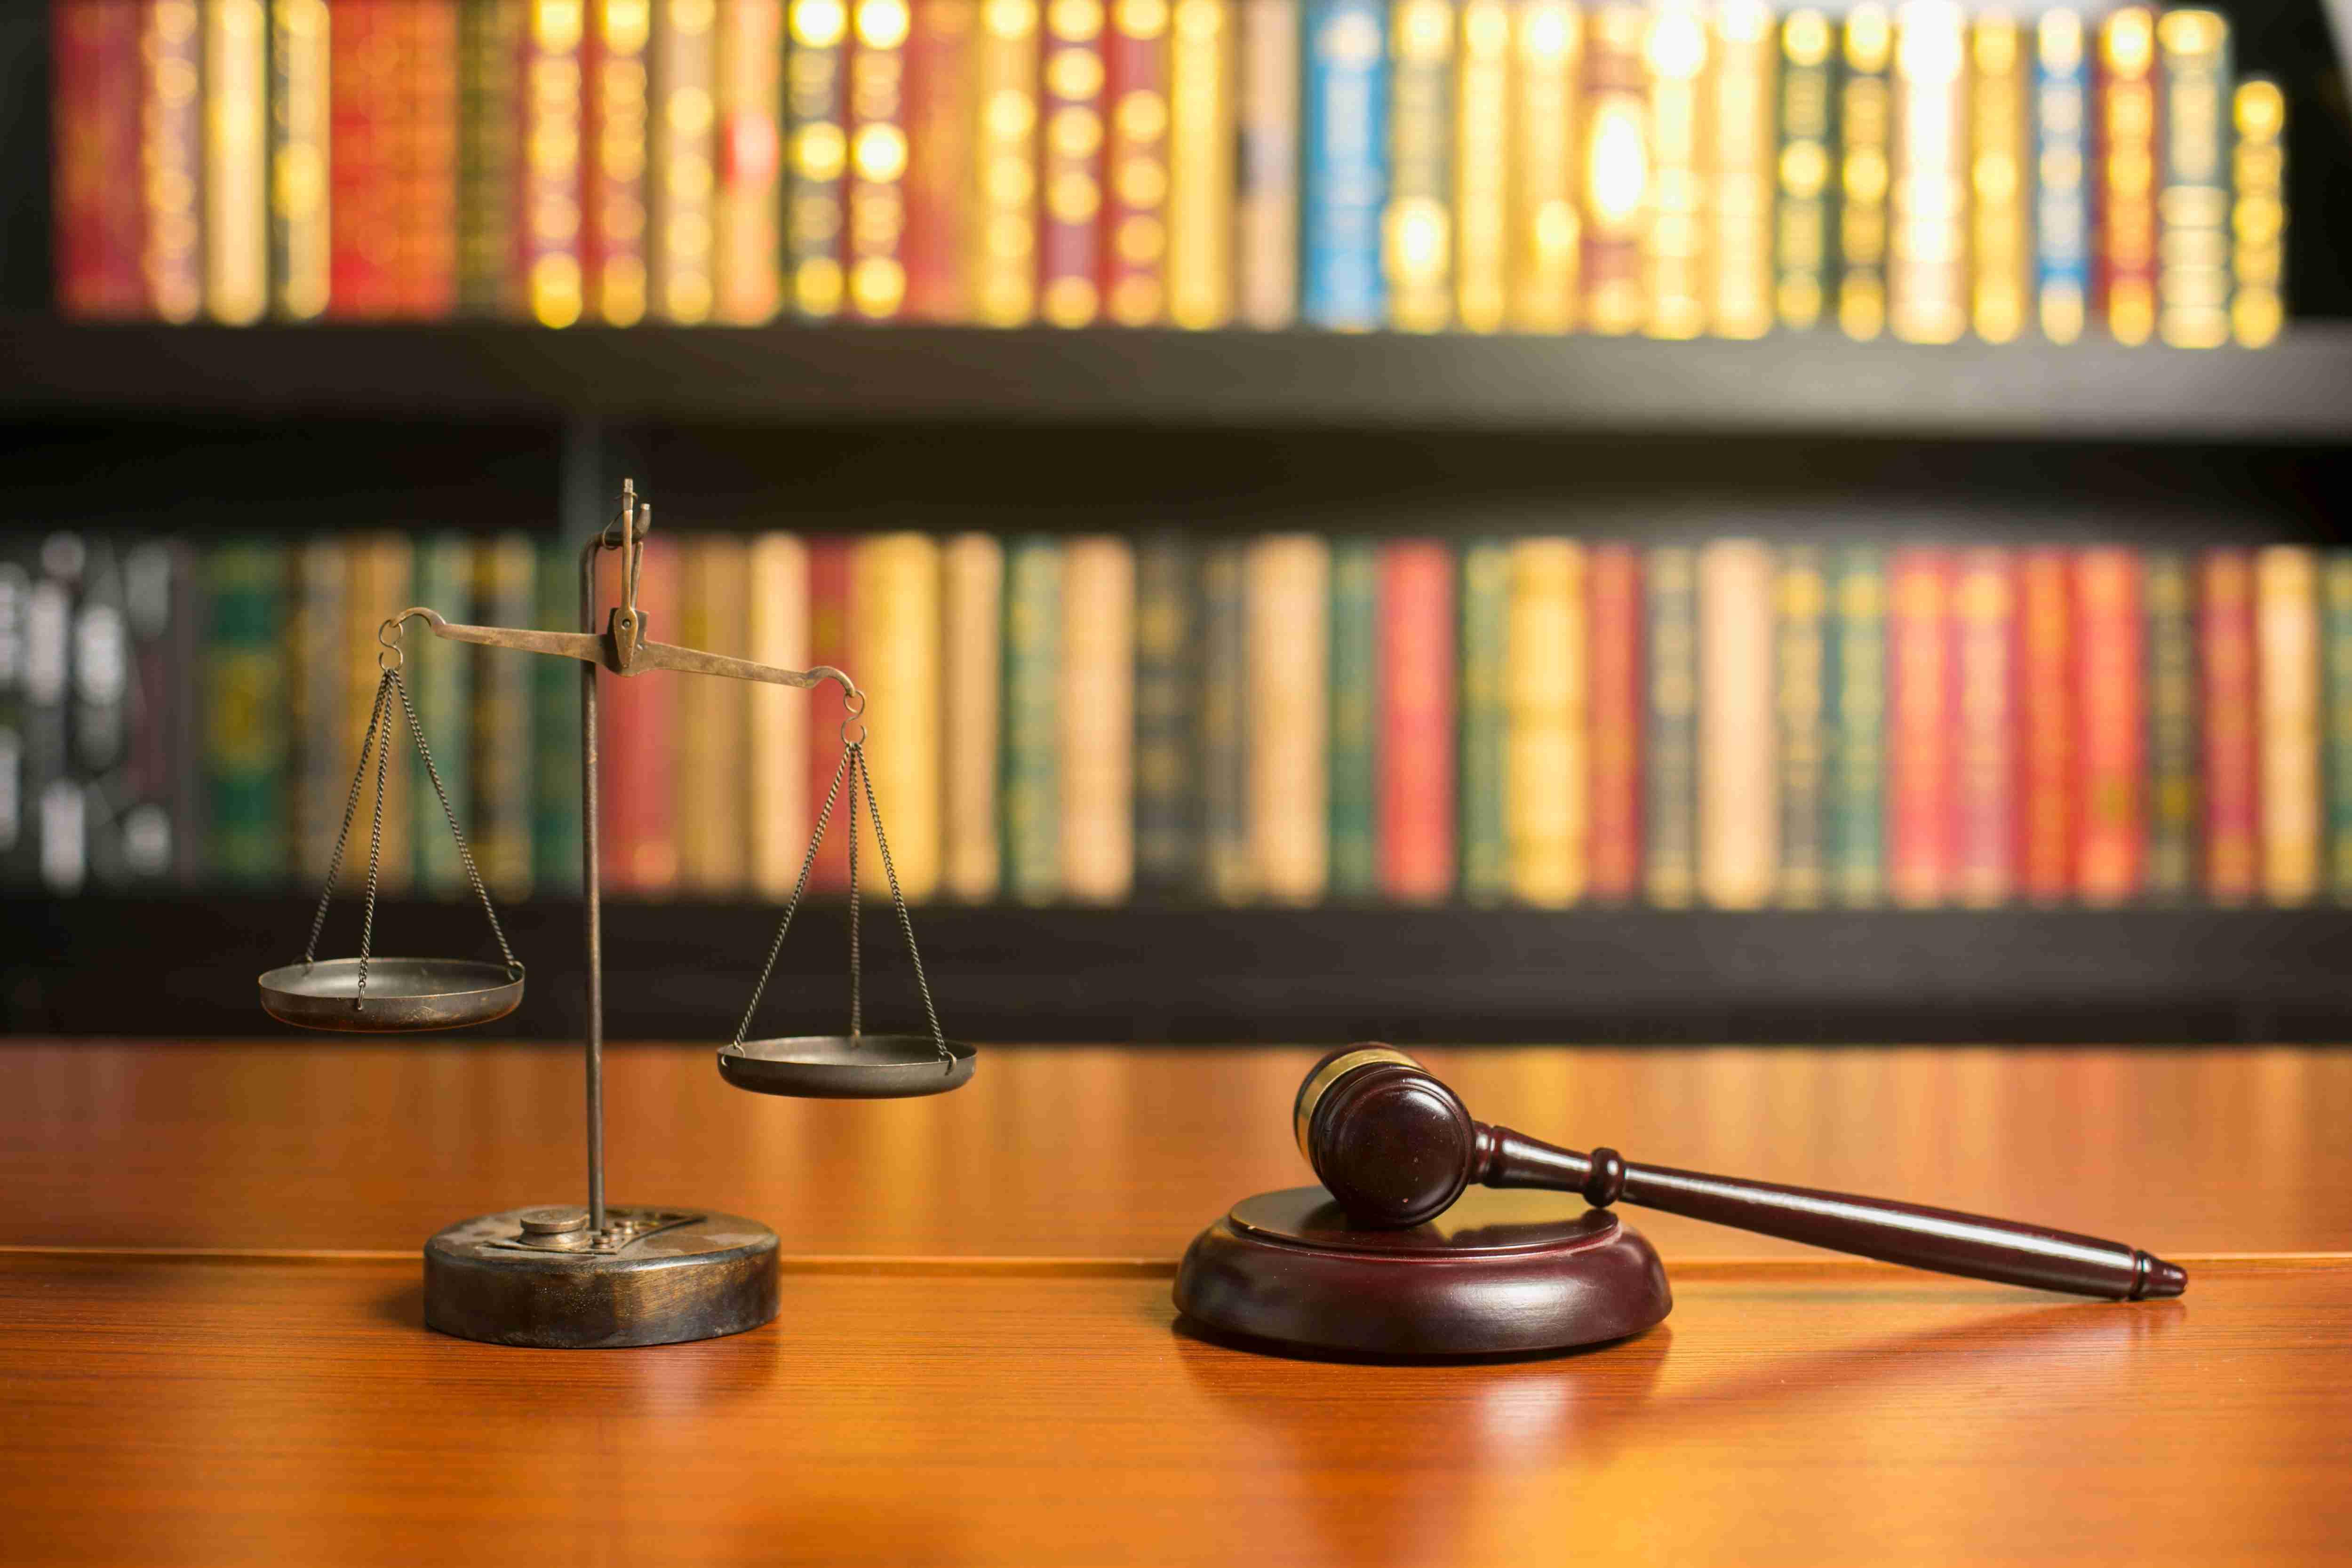 外观专利侵权认定的三个步骤